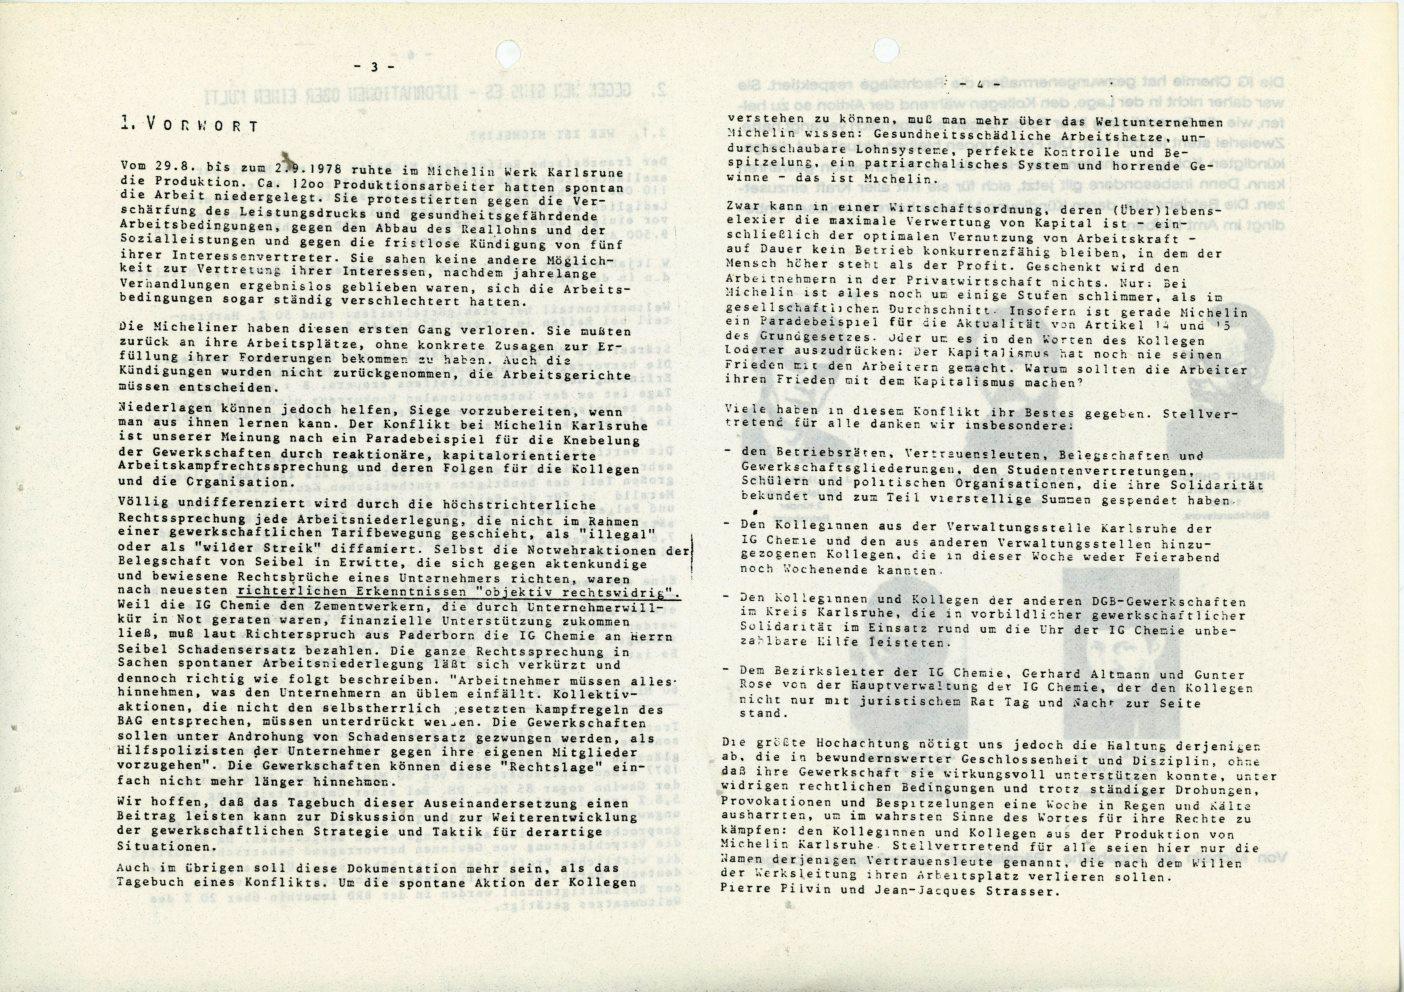 Karlsruhe_Michelin_IGCPK_Doku_zum_Arbeitskonflikt_1978_02